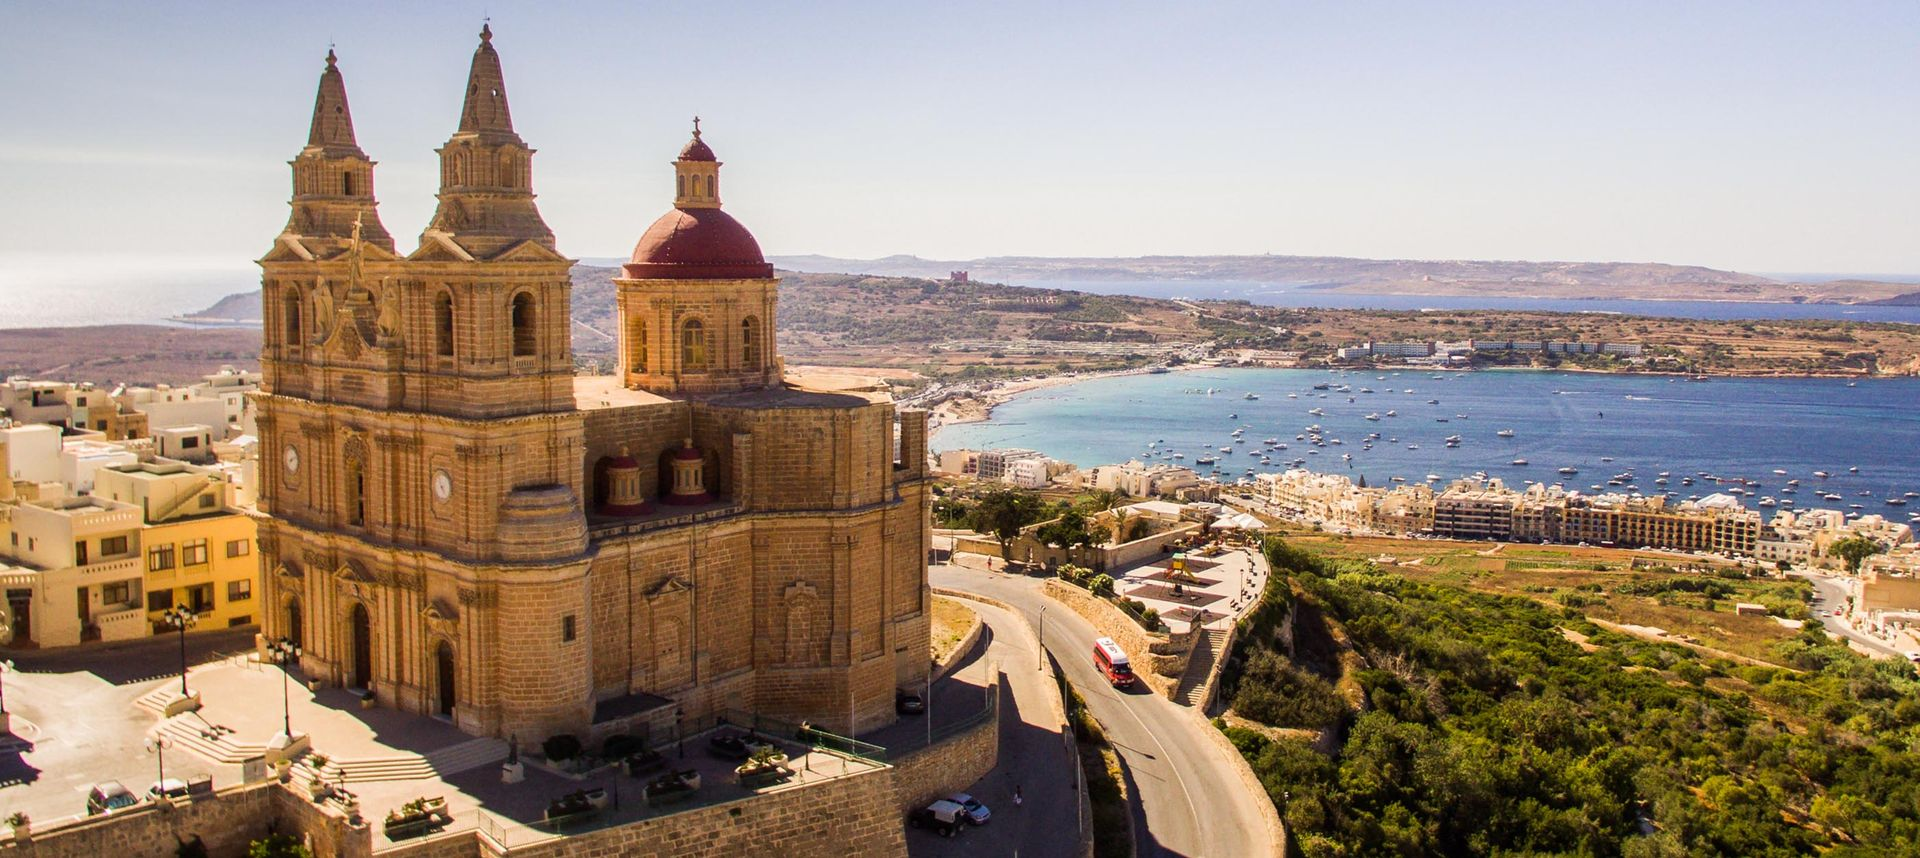 Full travel guide to Malta